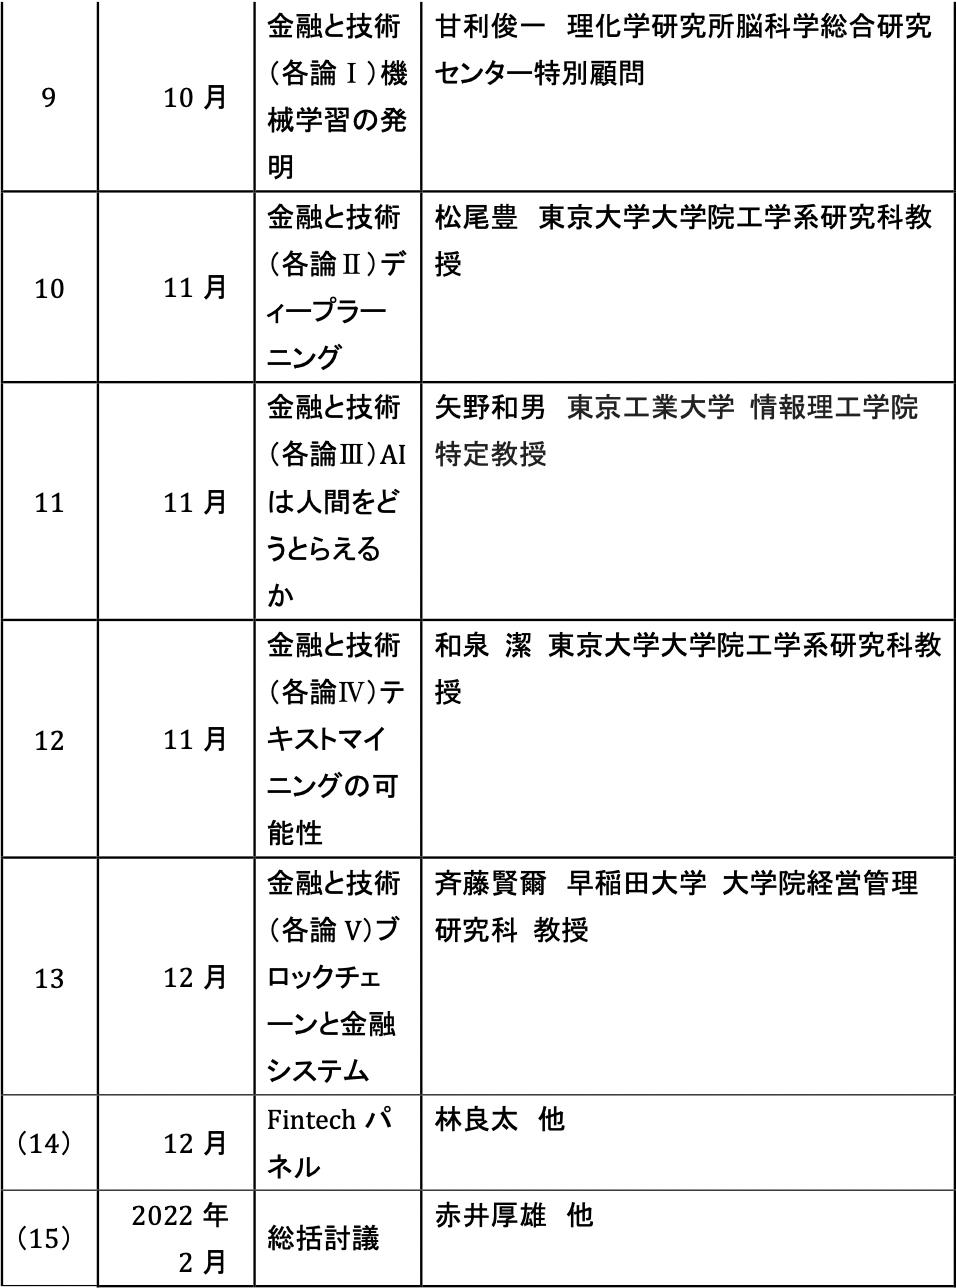 スクリーンショット 2021-04-13 15.42.55